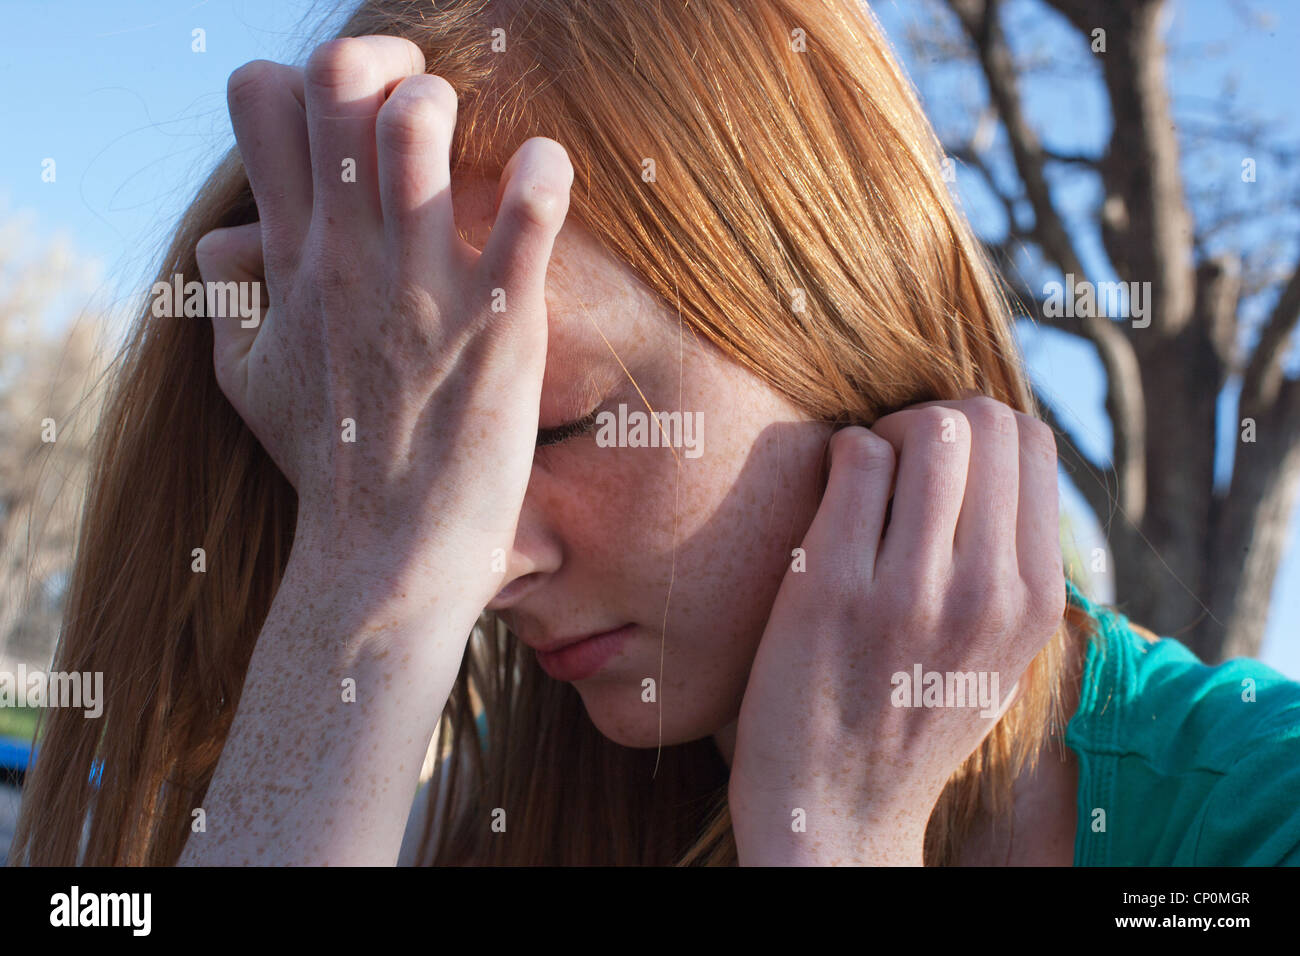 In prossimità di un sedicenne ragazza ansia e che copre il volto con le mani all'esterno. Foto Stock